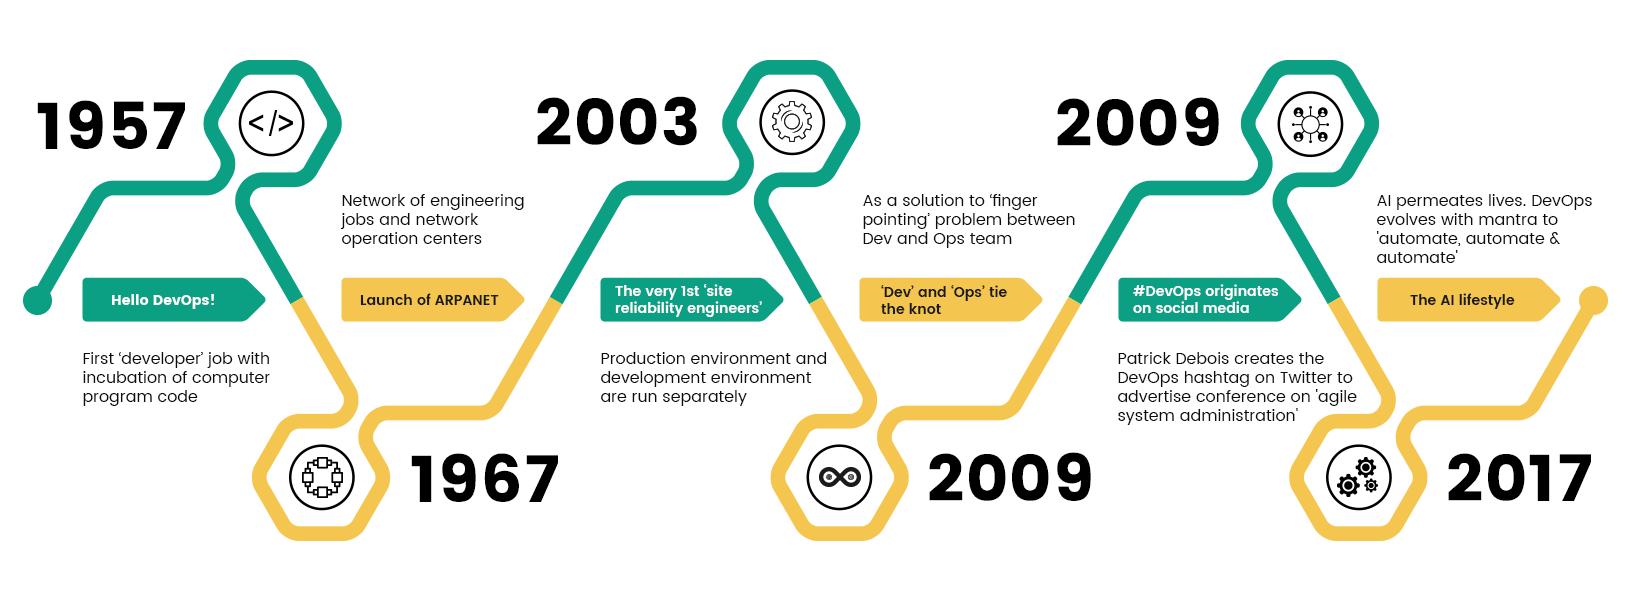 Evolution of DevOps